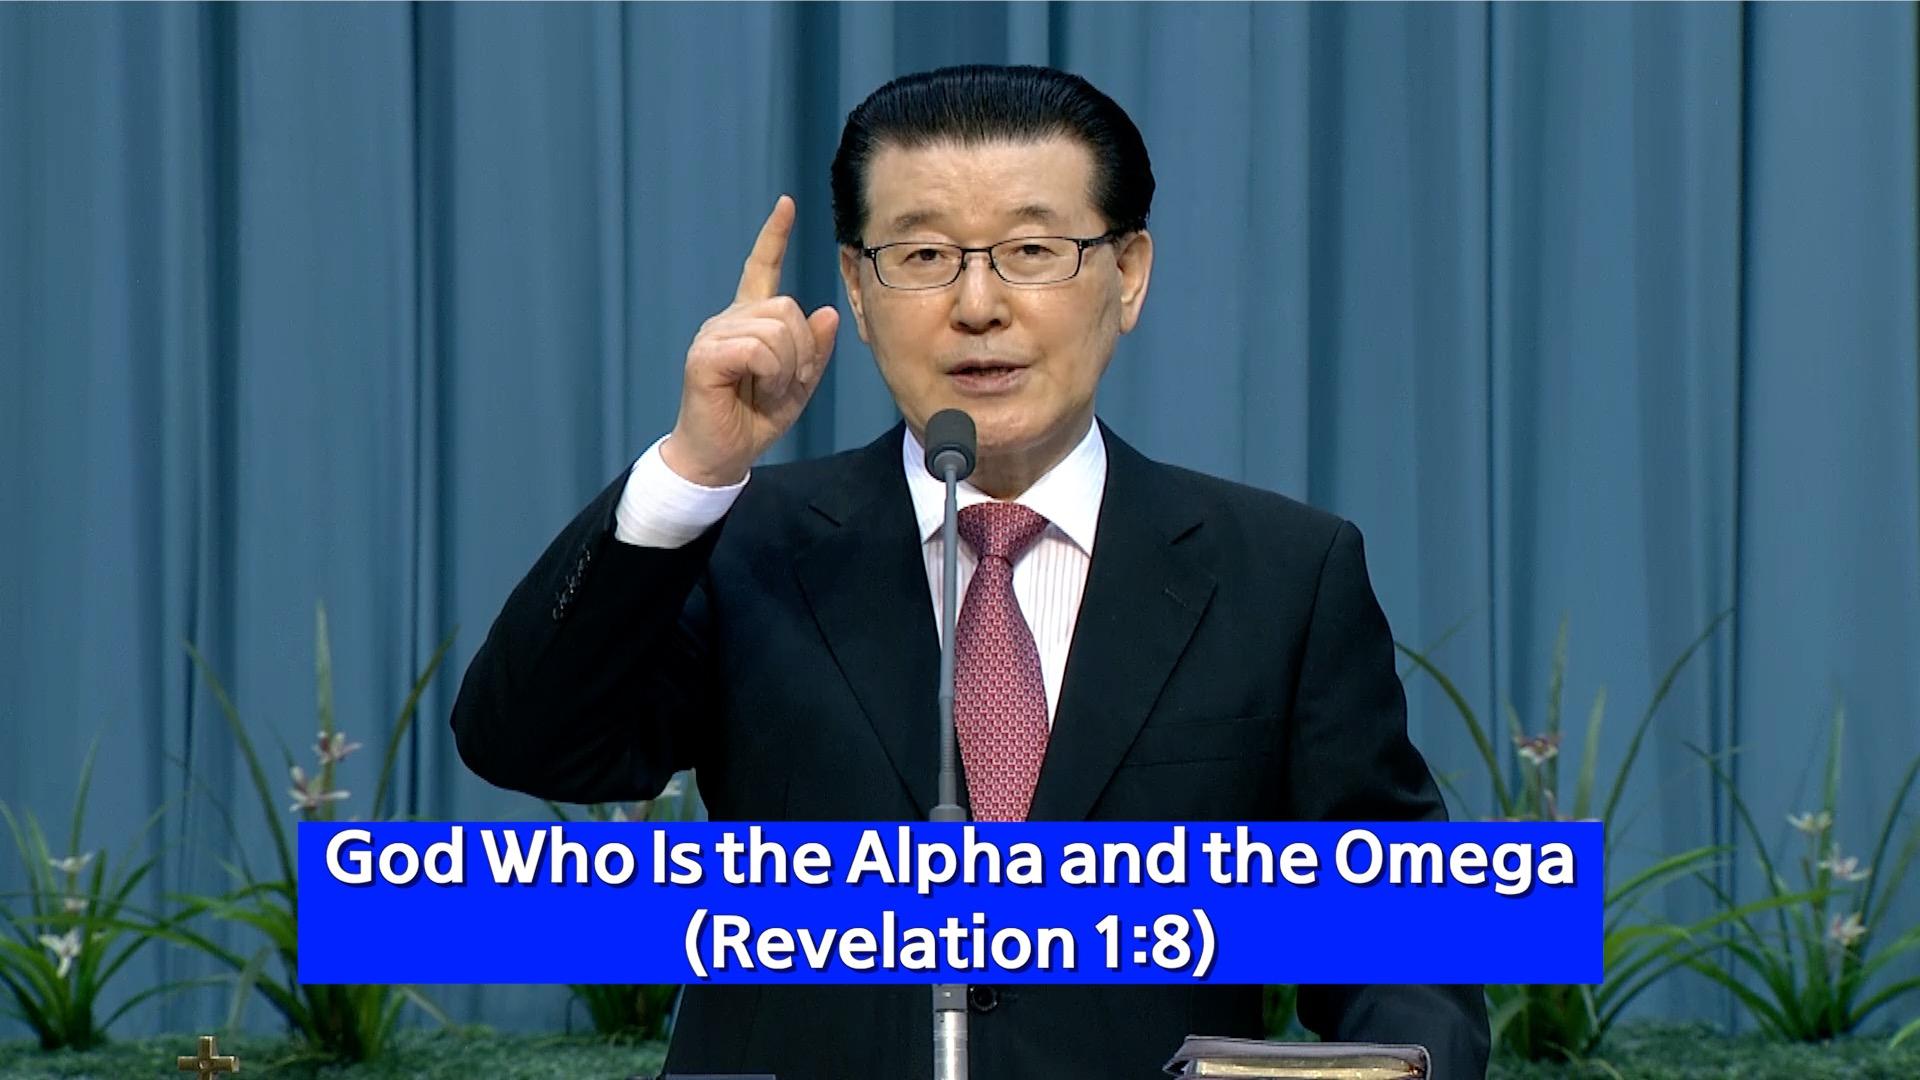 2020년 6월 21일-영어자막 God Who Is the Alpha and the Omega